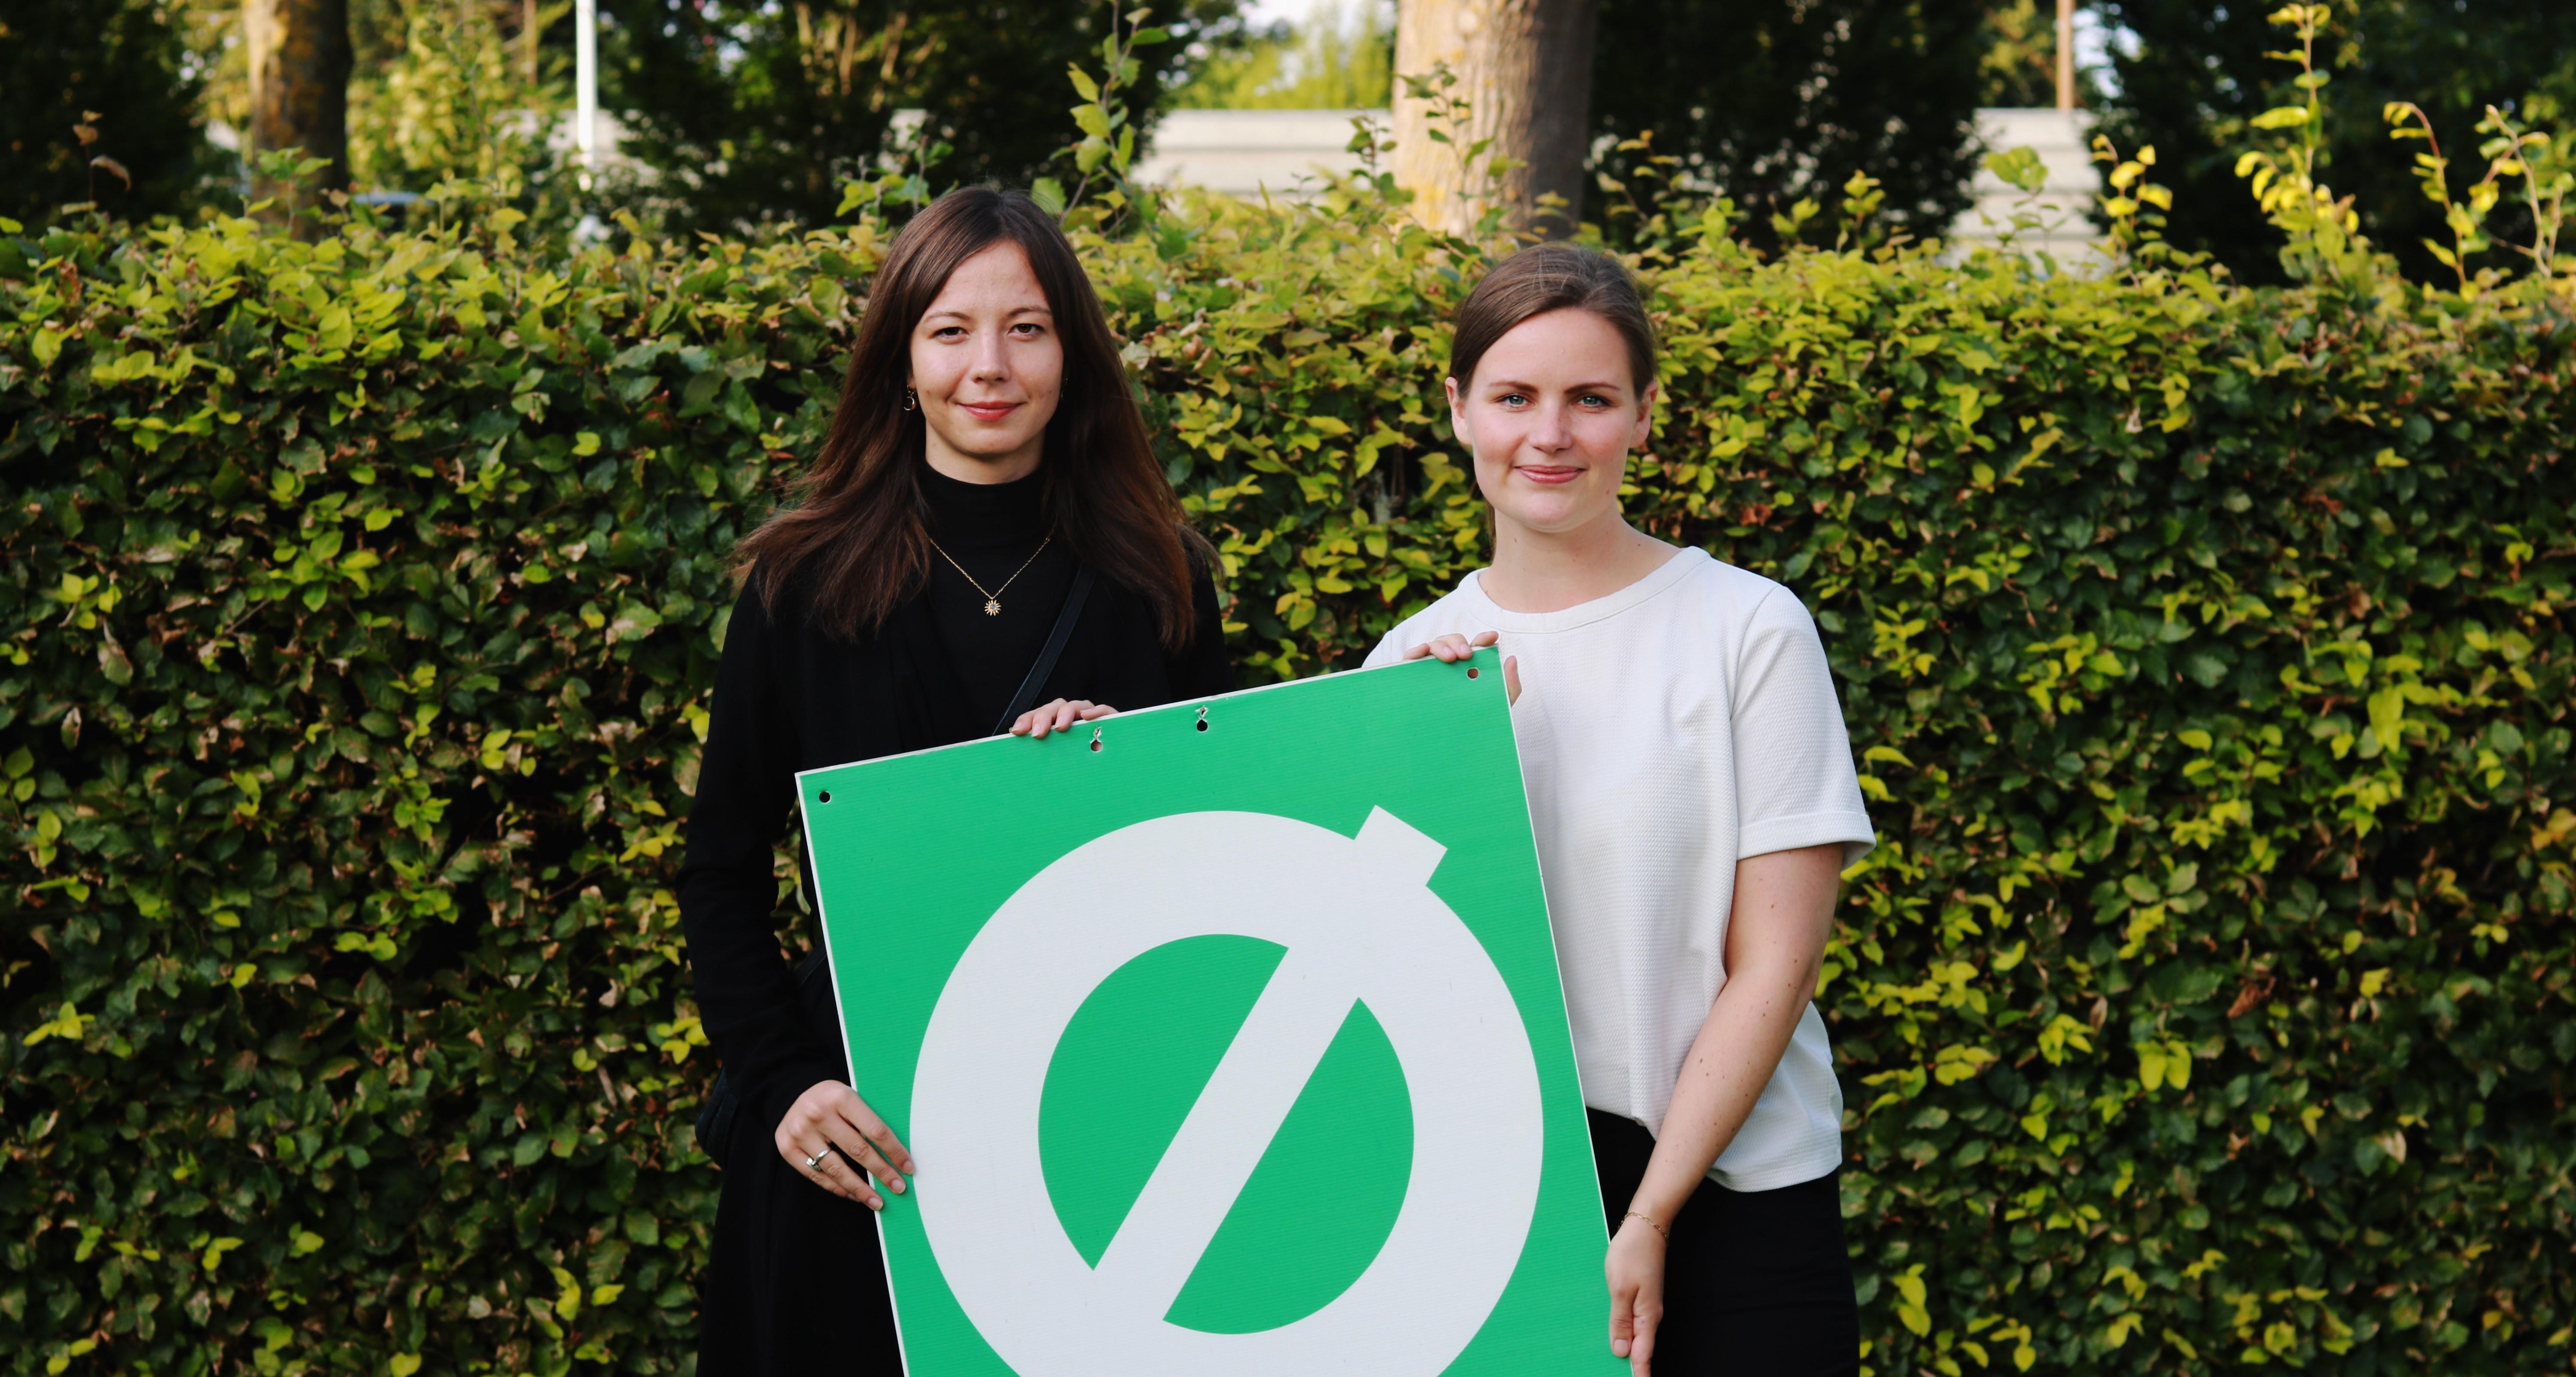 Laura Bryhl og Mai Villadsen